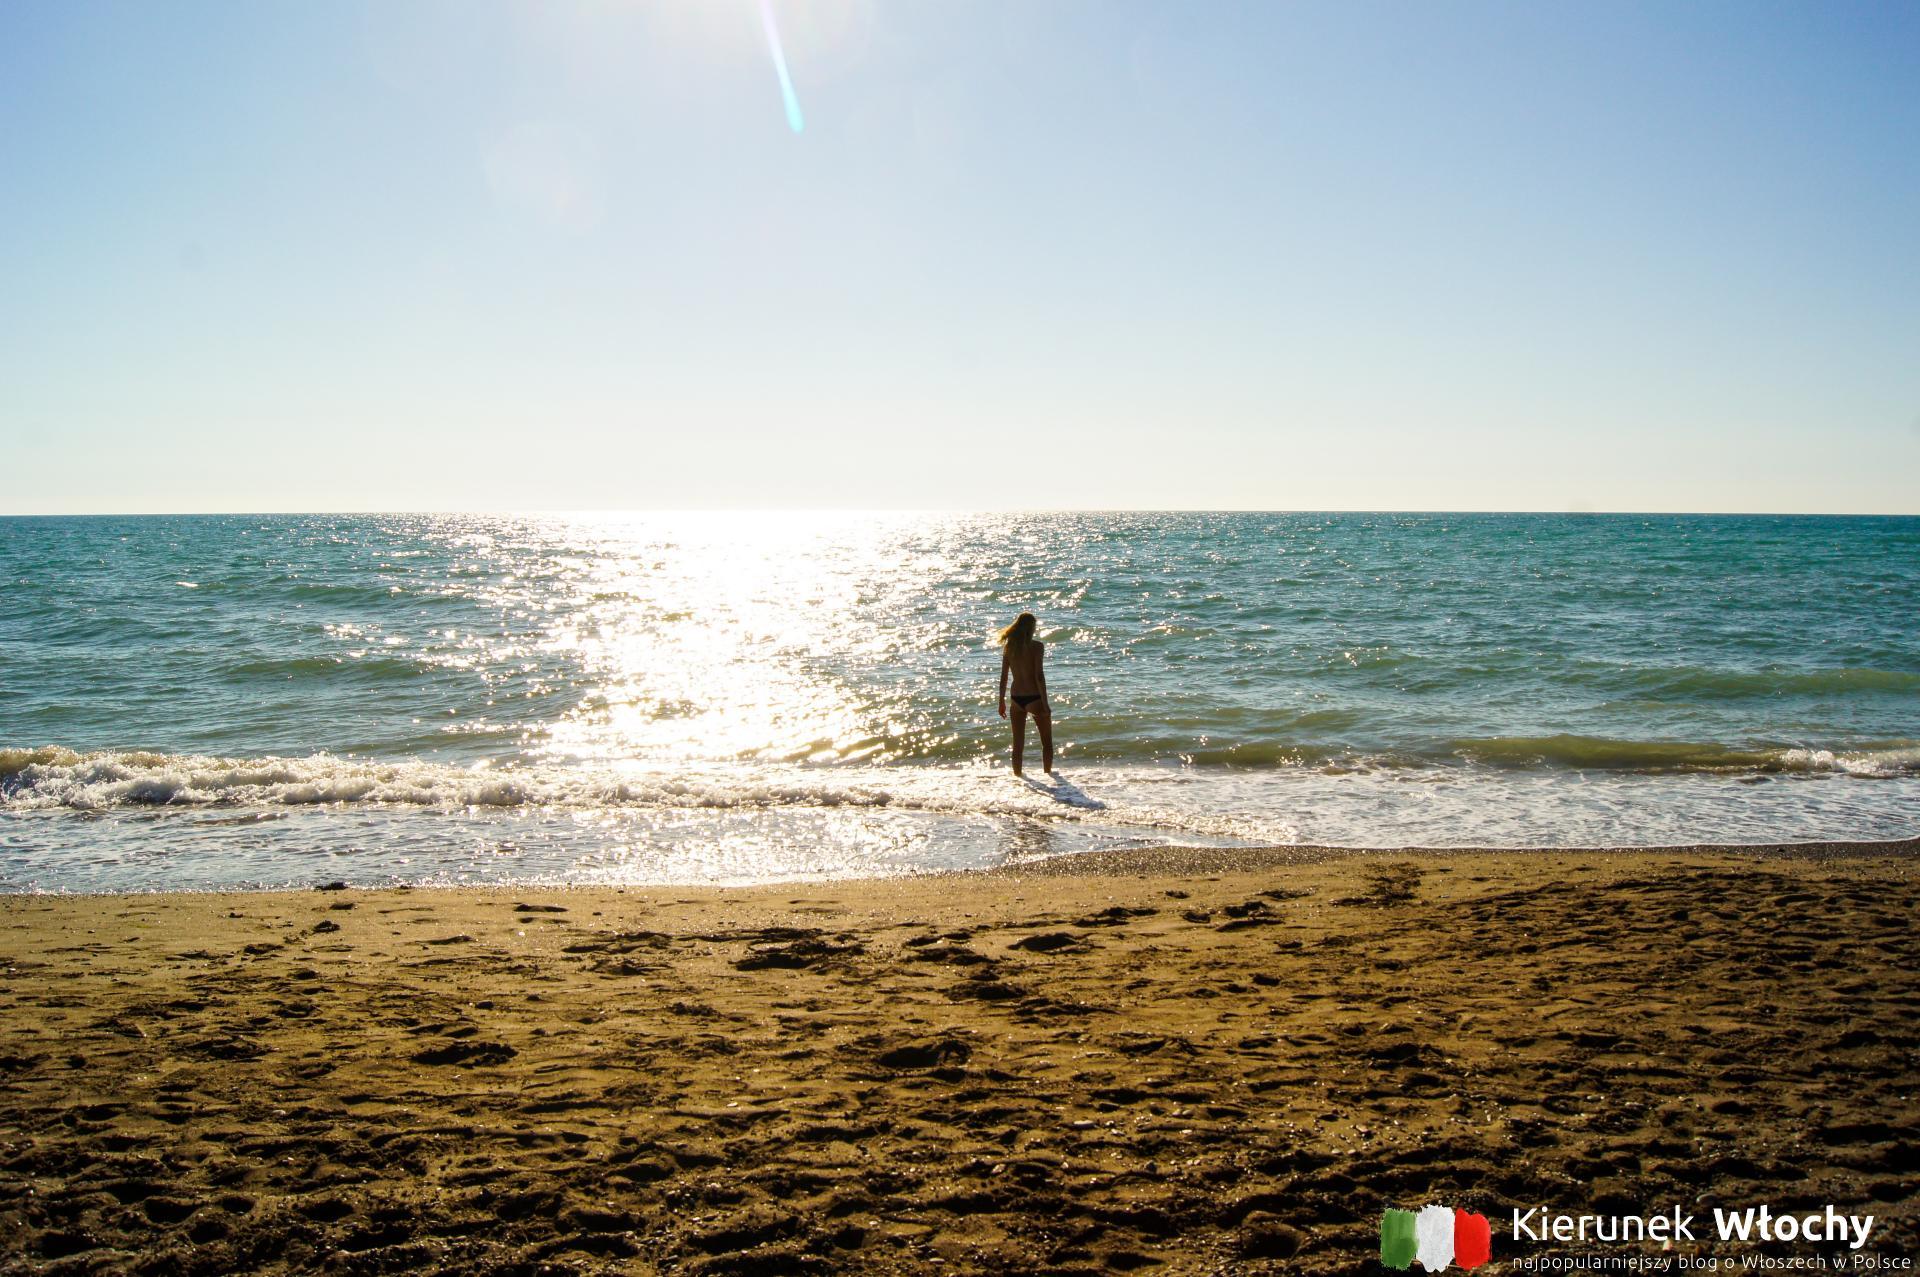 Marina di Bibbona, wybrzeże Toskanii, Włochy (fot. Łukasz Ropczyński, kierunekwlochy.pl)